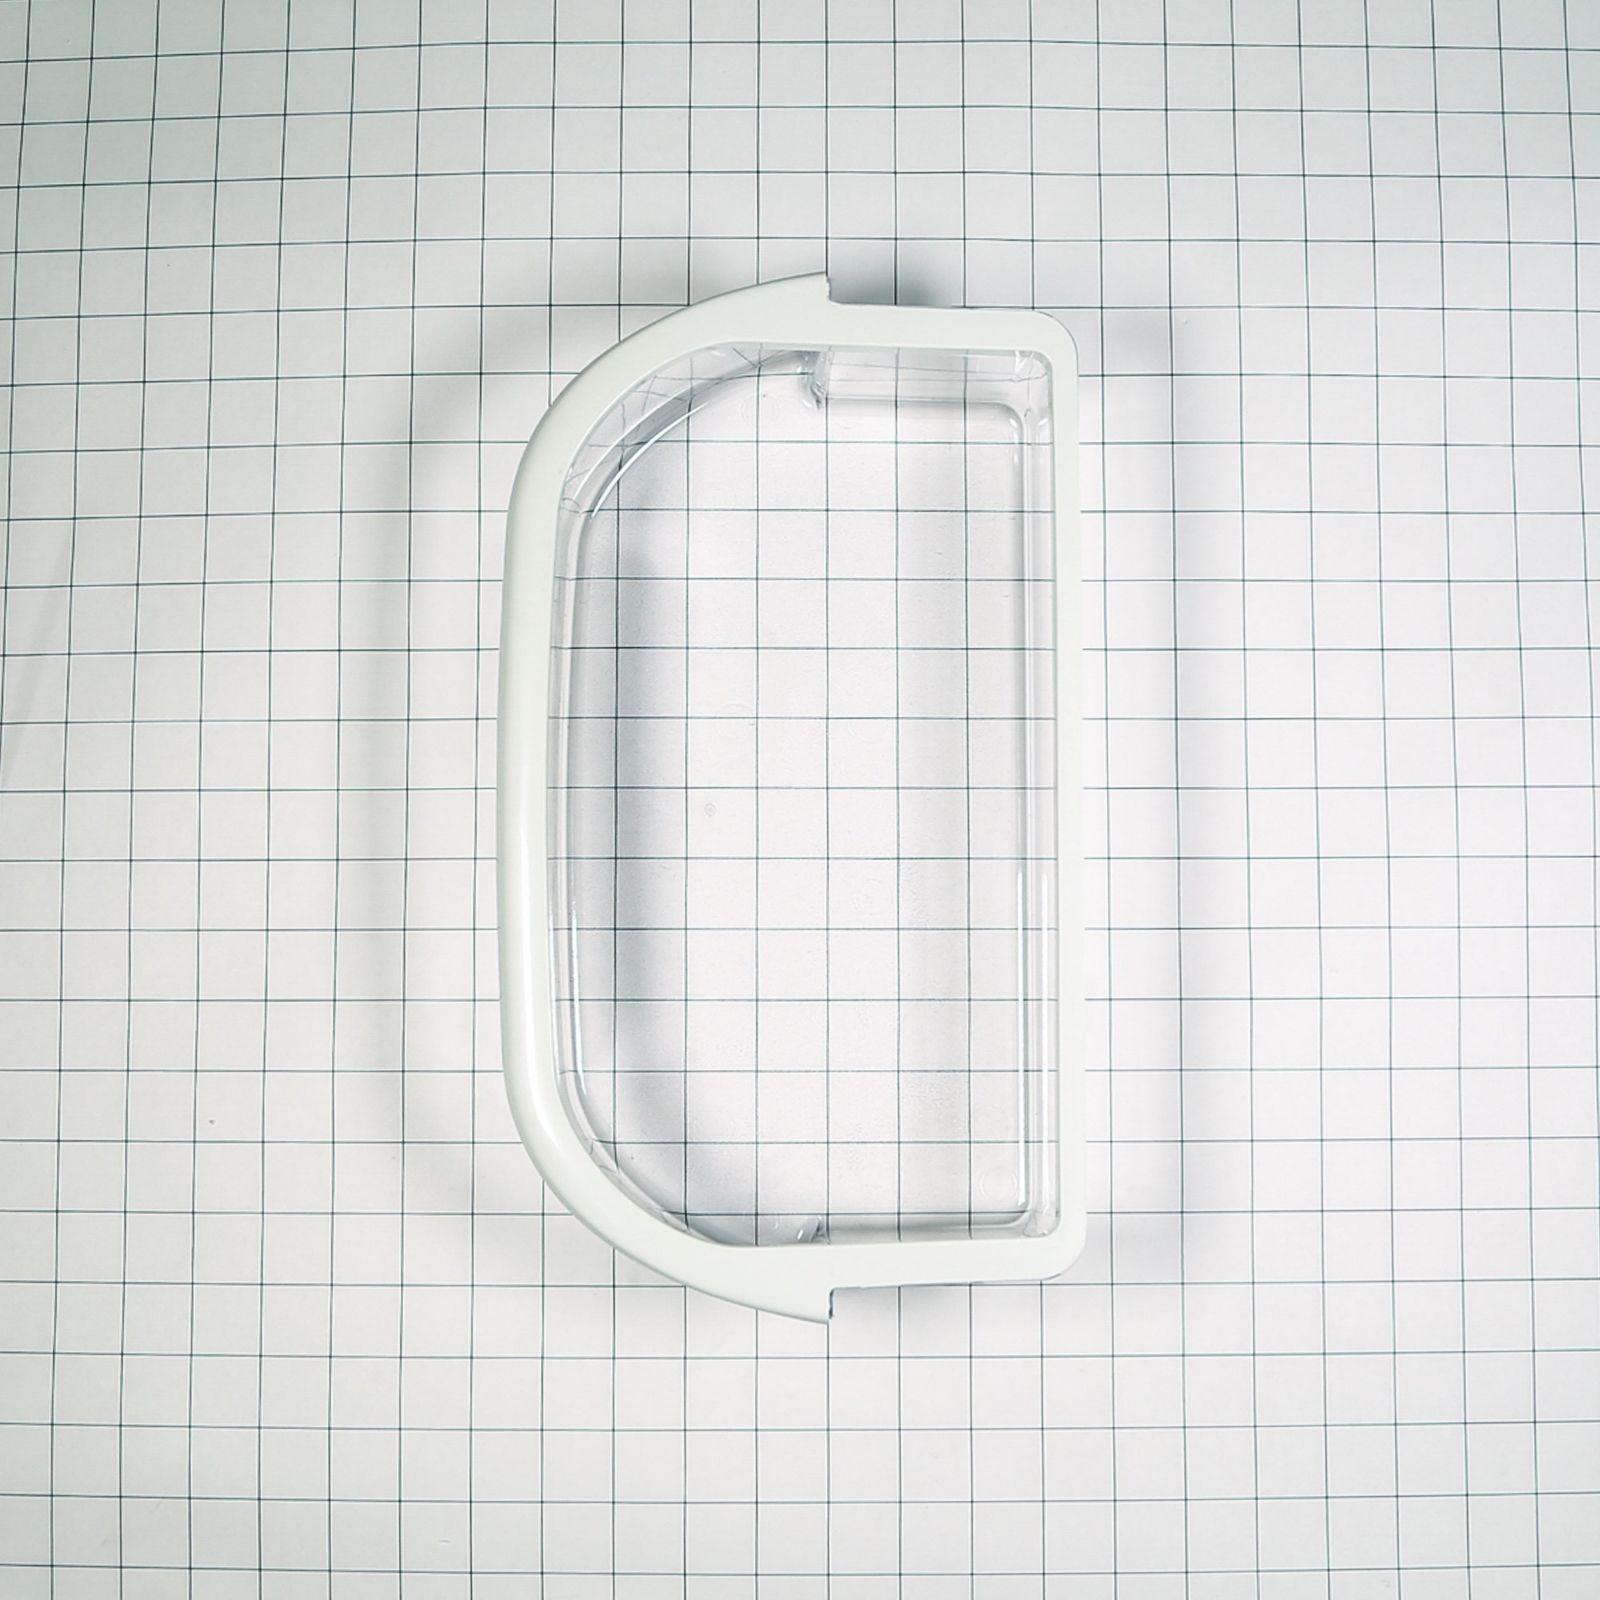 KITCHENAID REFRIGERATOR DOOR BIN PART # W10289496